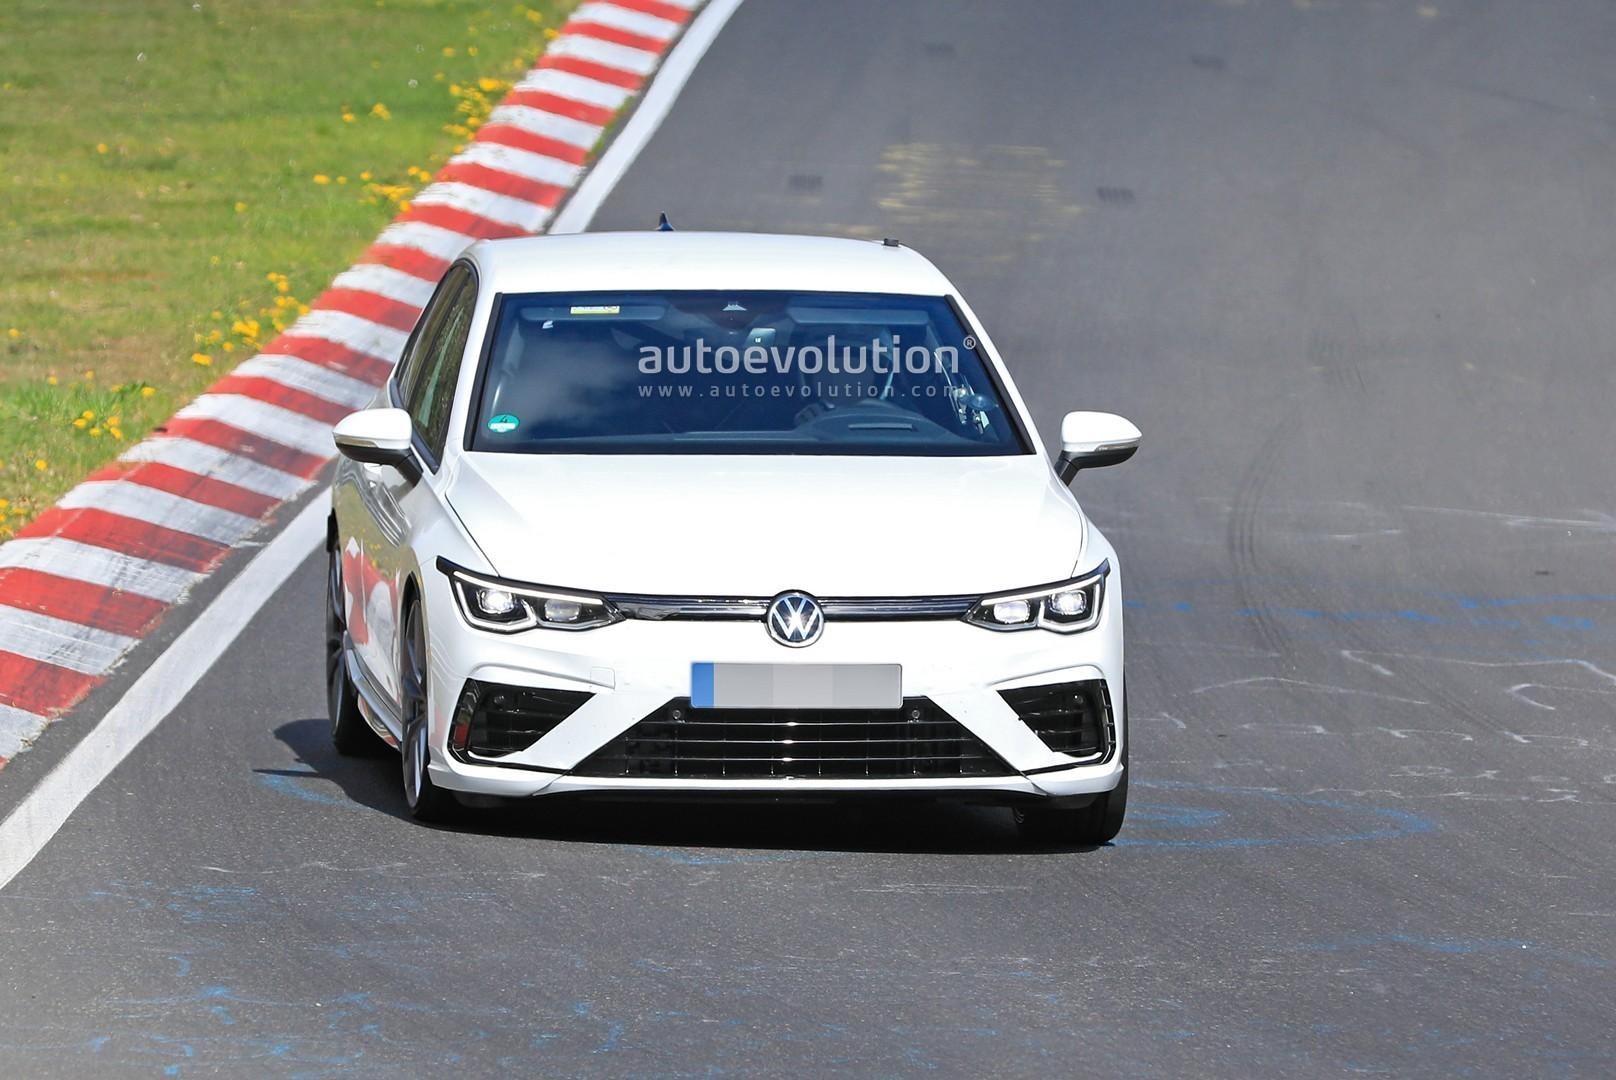 2021-volkswagen-golf-8-r-begins-nurburgr